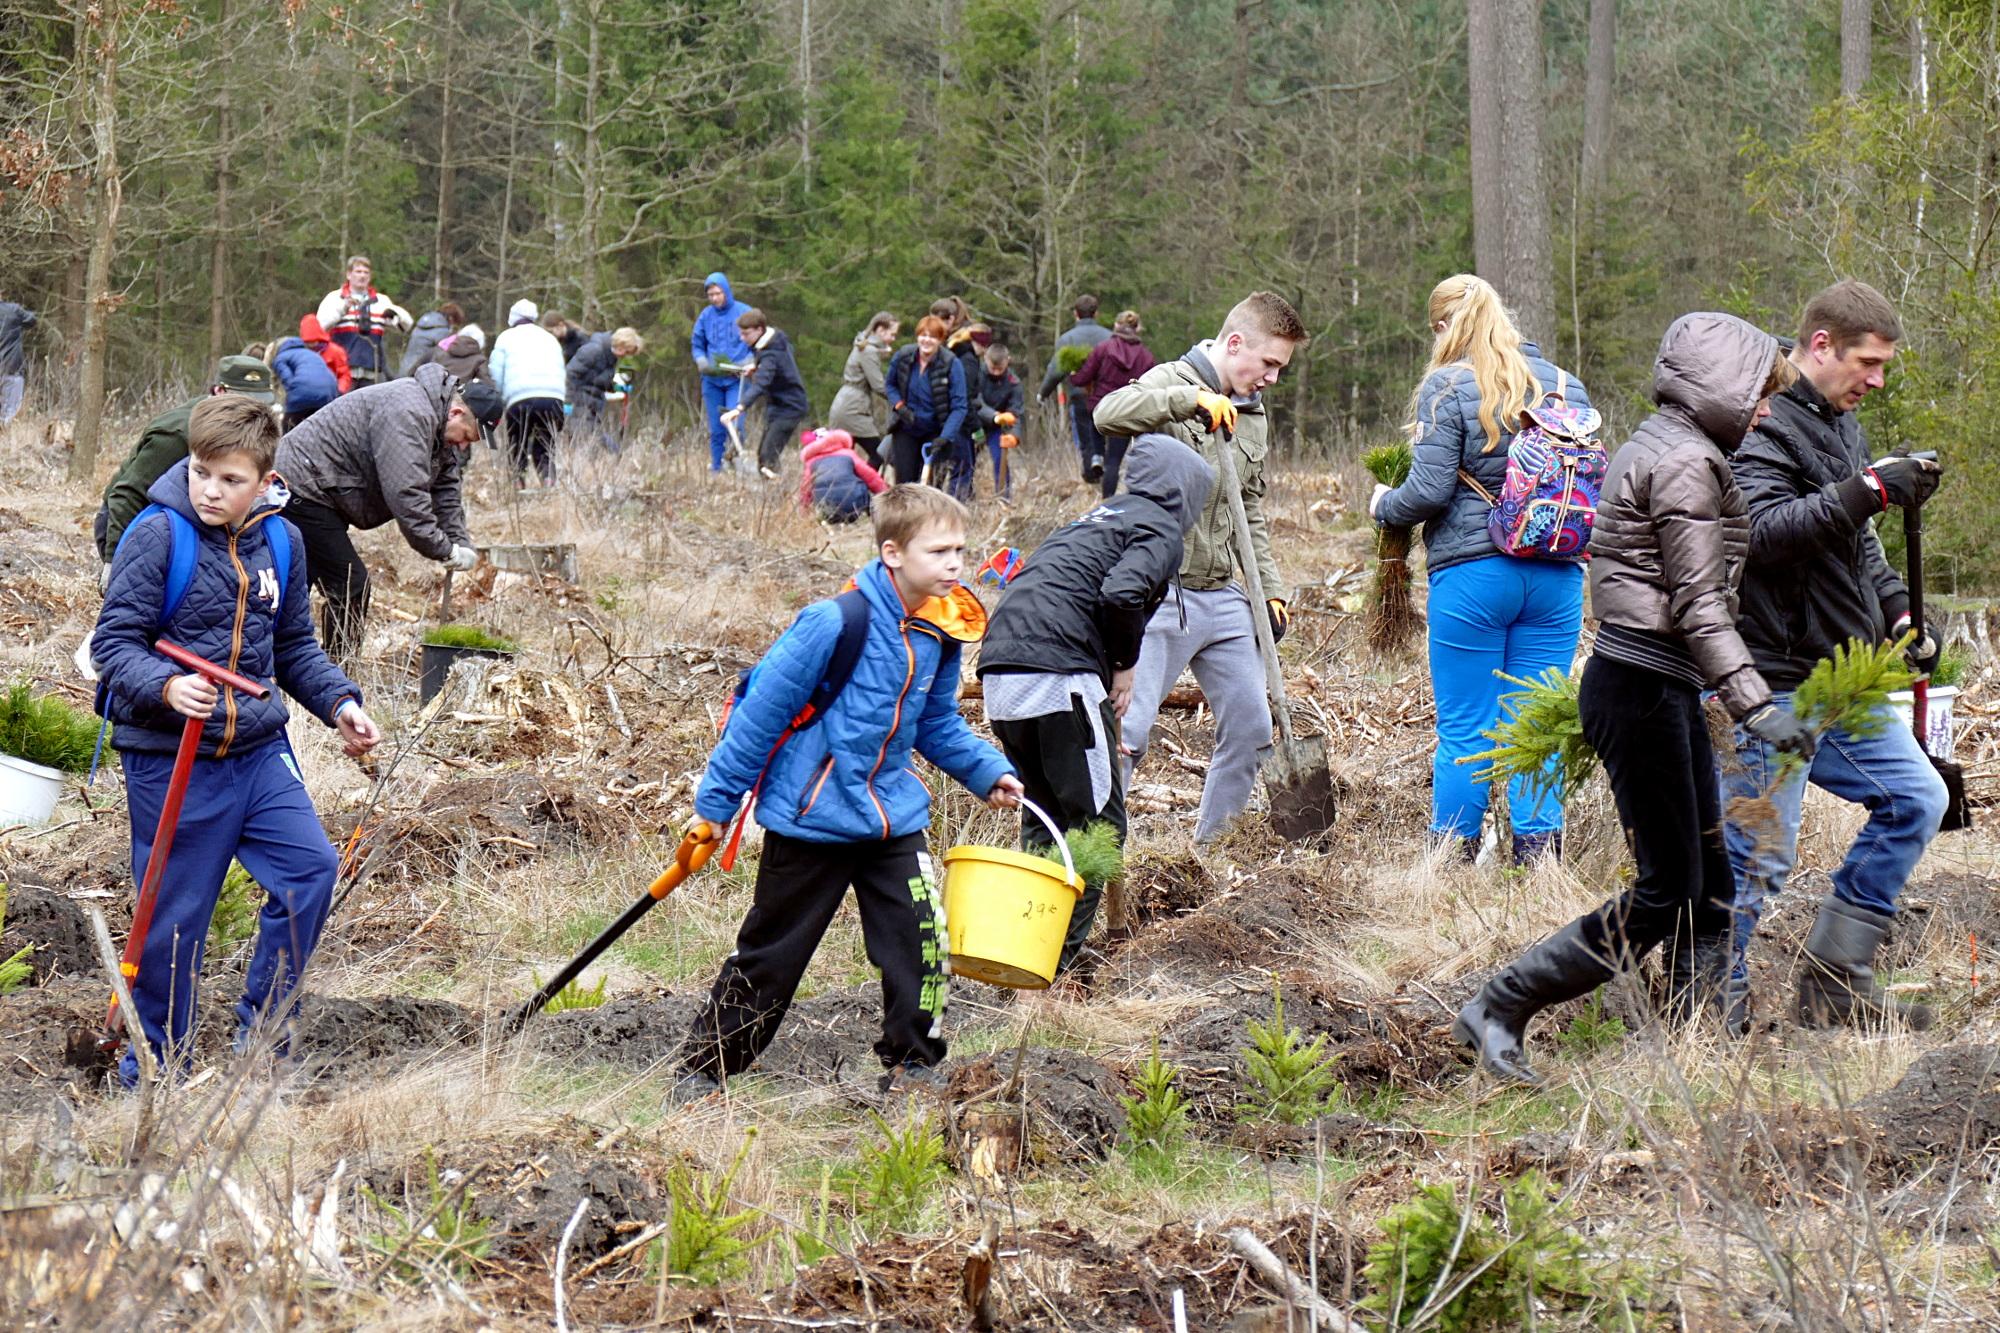 Nacionaliniame miškasodyje Ožkarčių miške dalyvavo per šimtą šilutiškių.